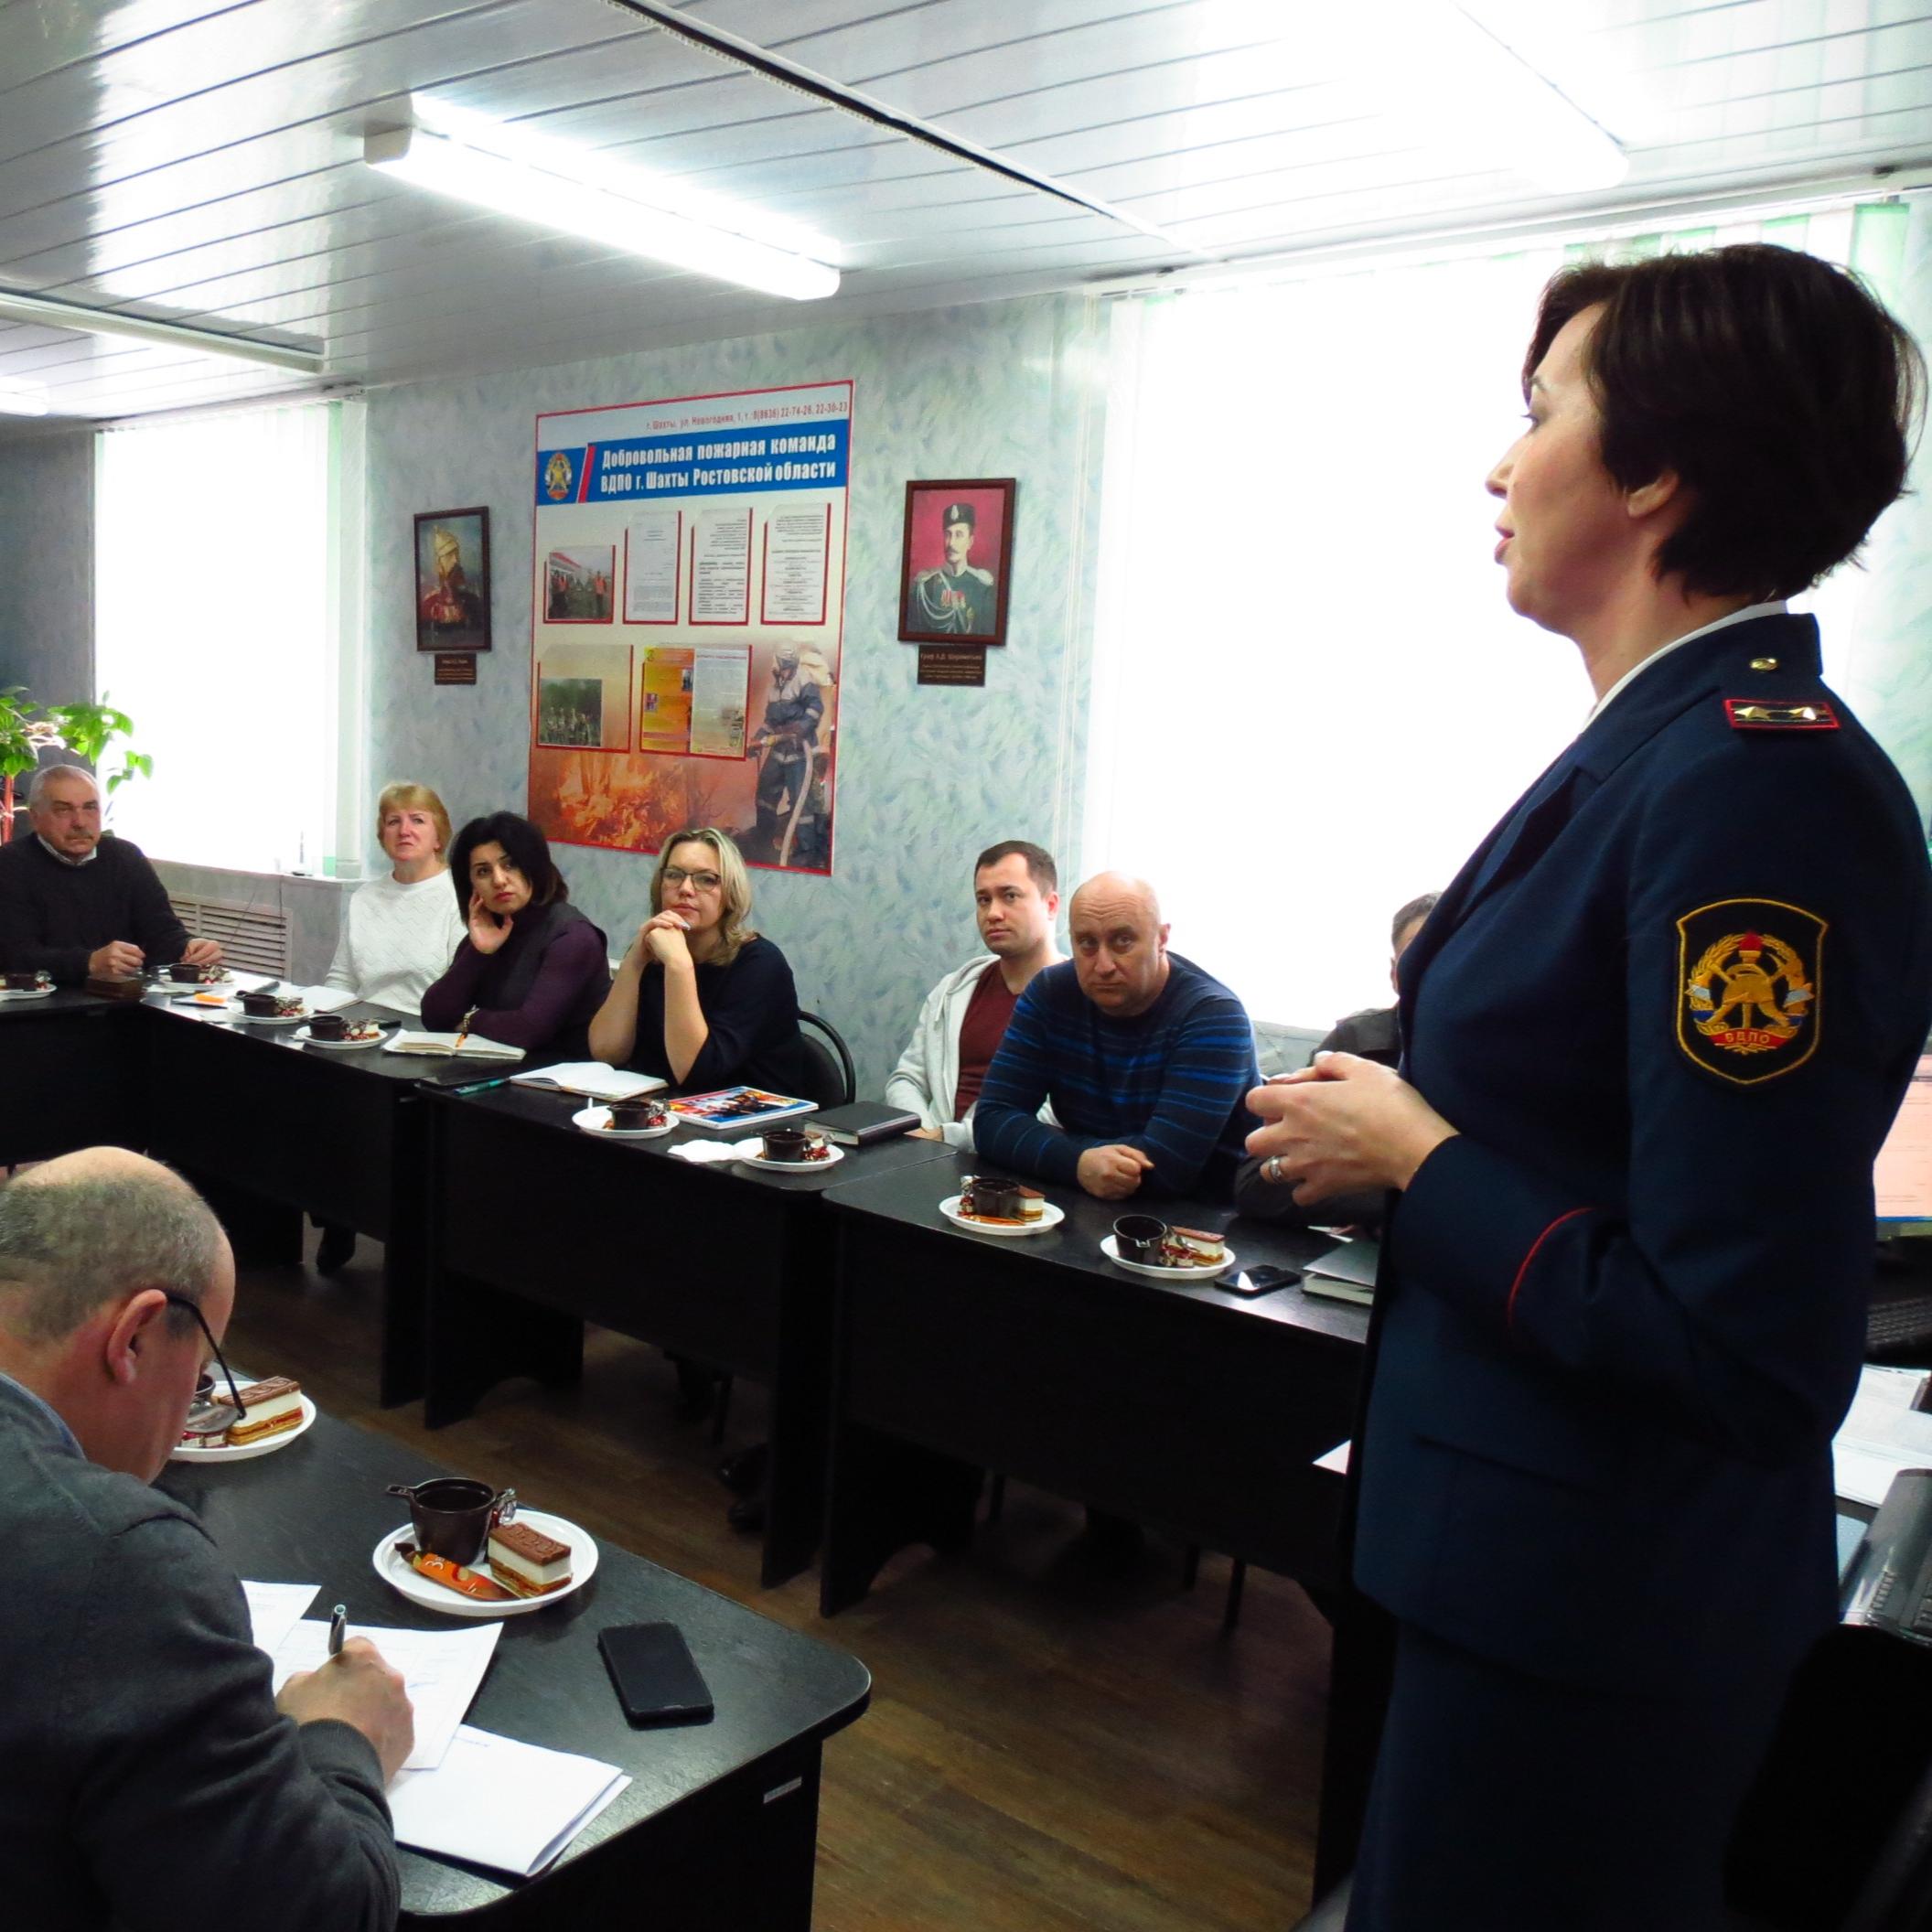 Сбор руководителей Дружин юных пожарных